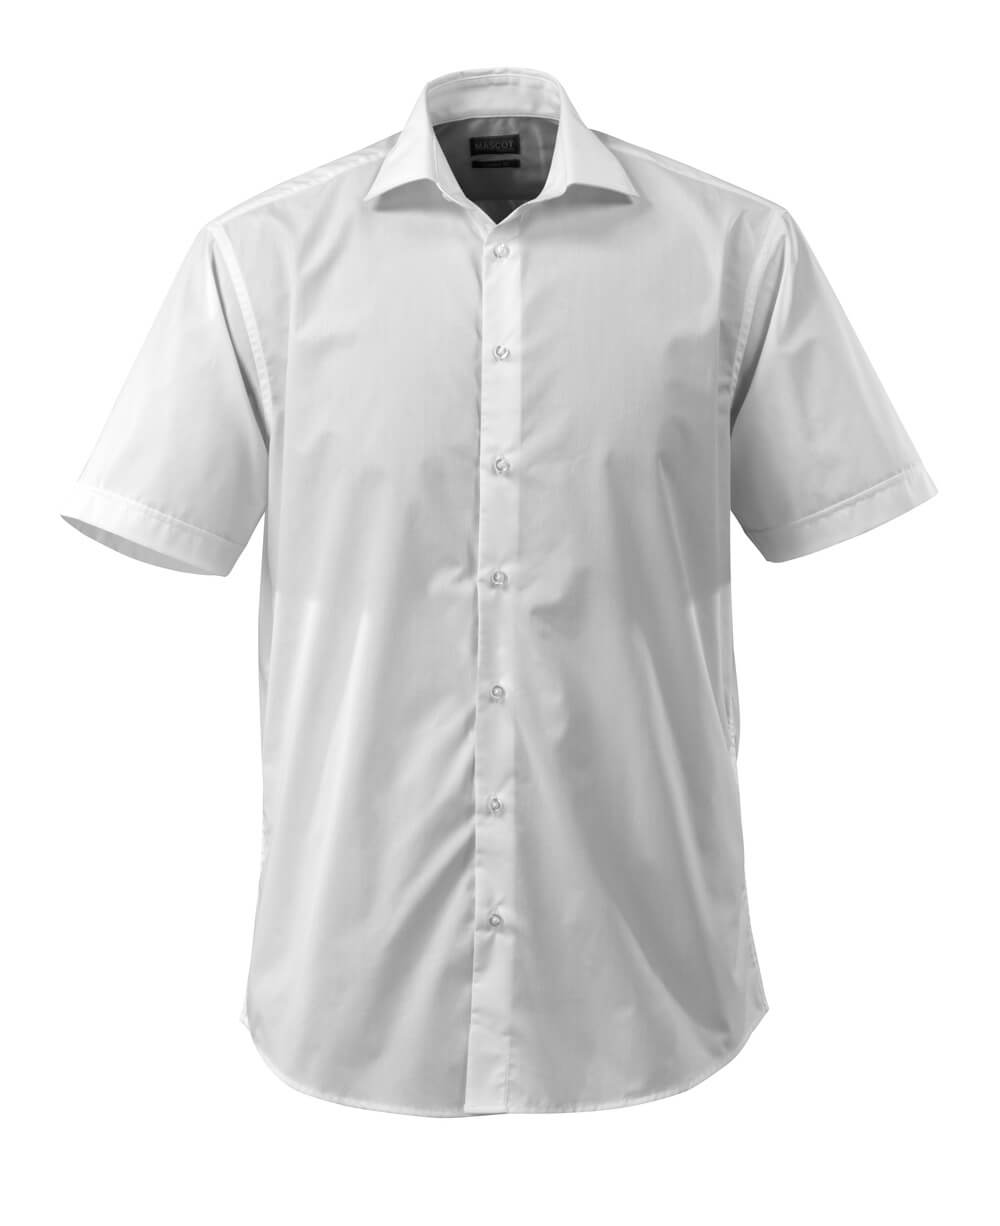 50632-984-06 Koszula, z krótkimi rękawami - biel